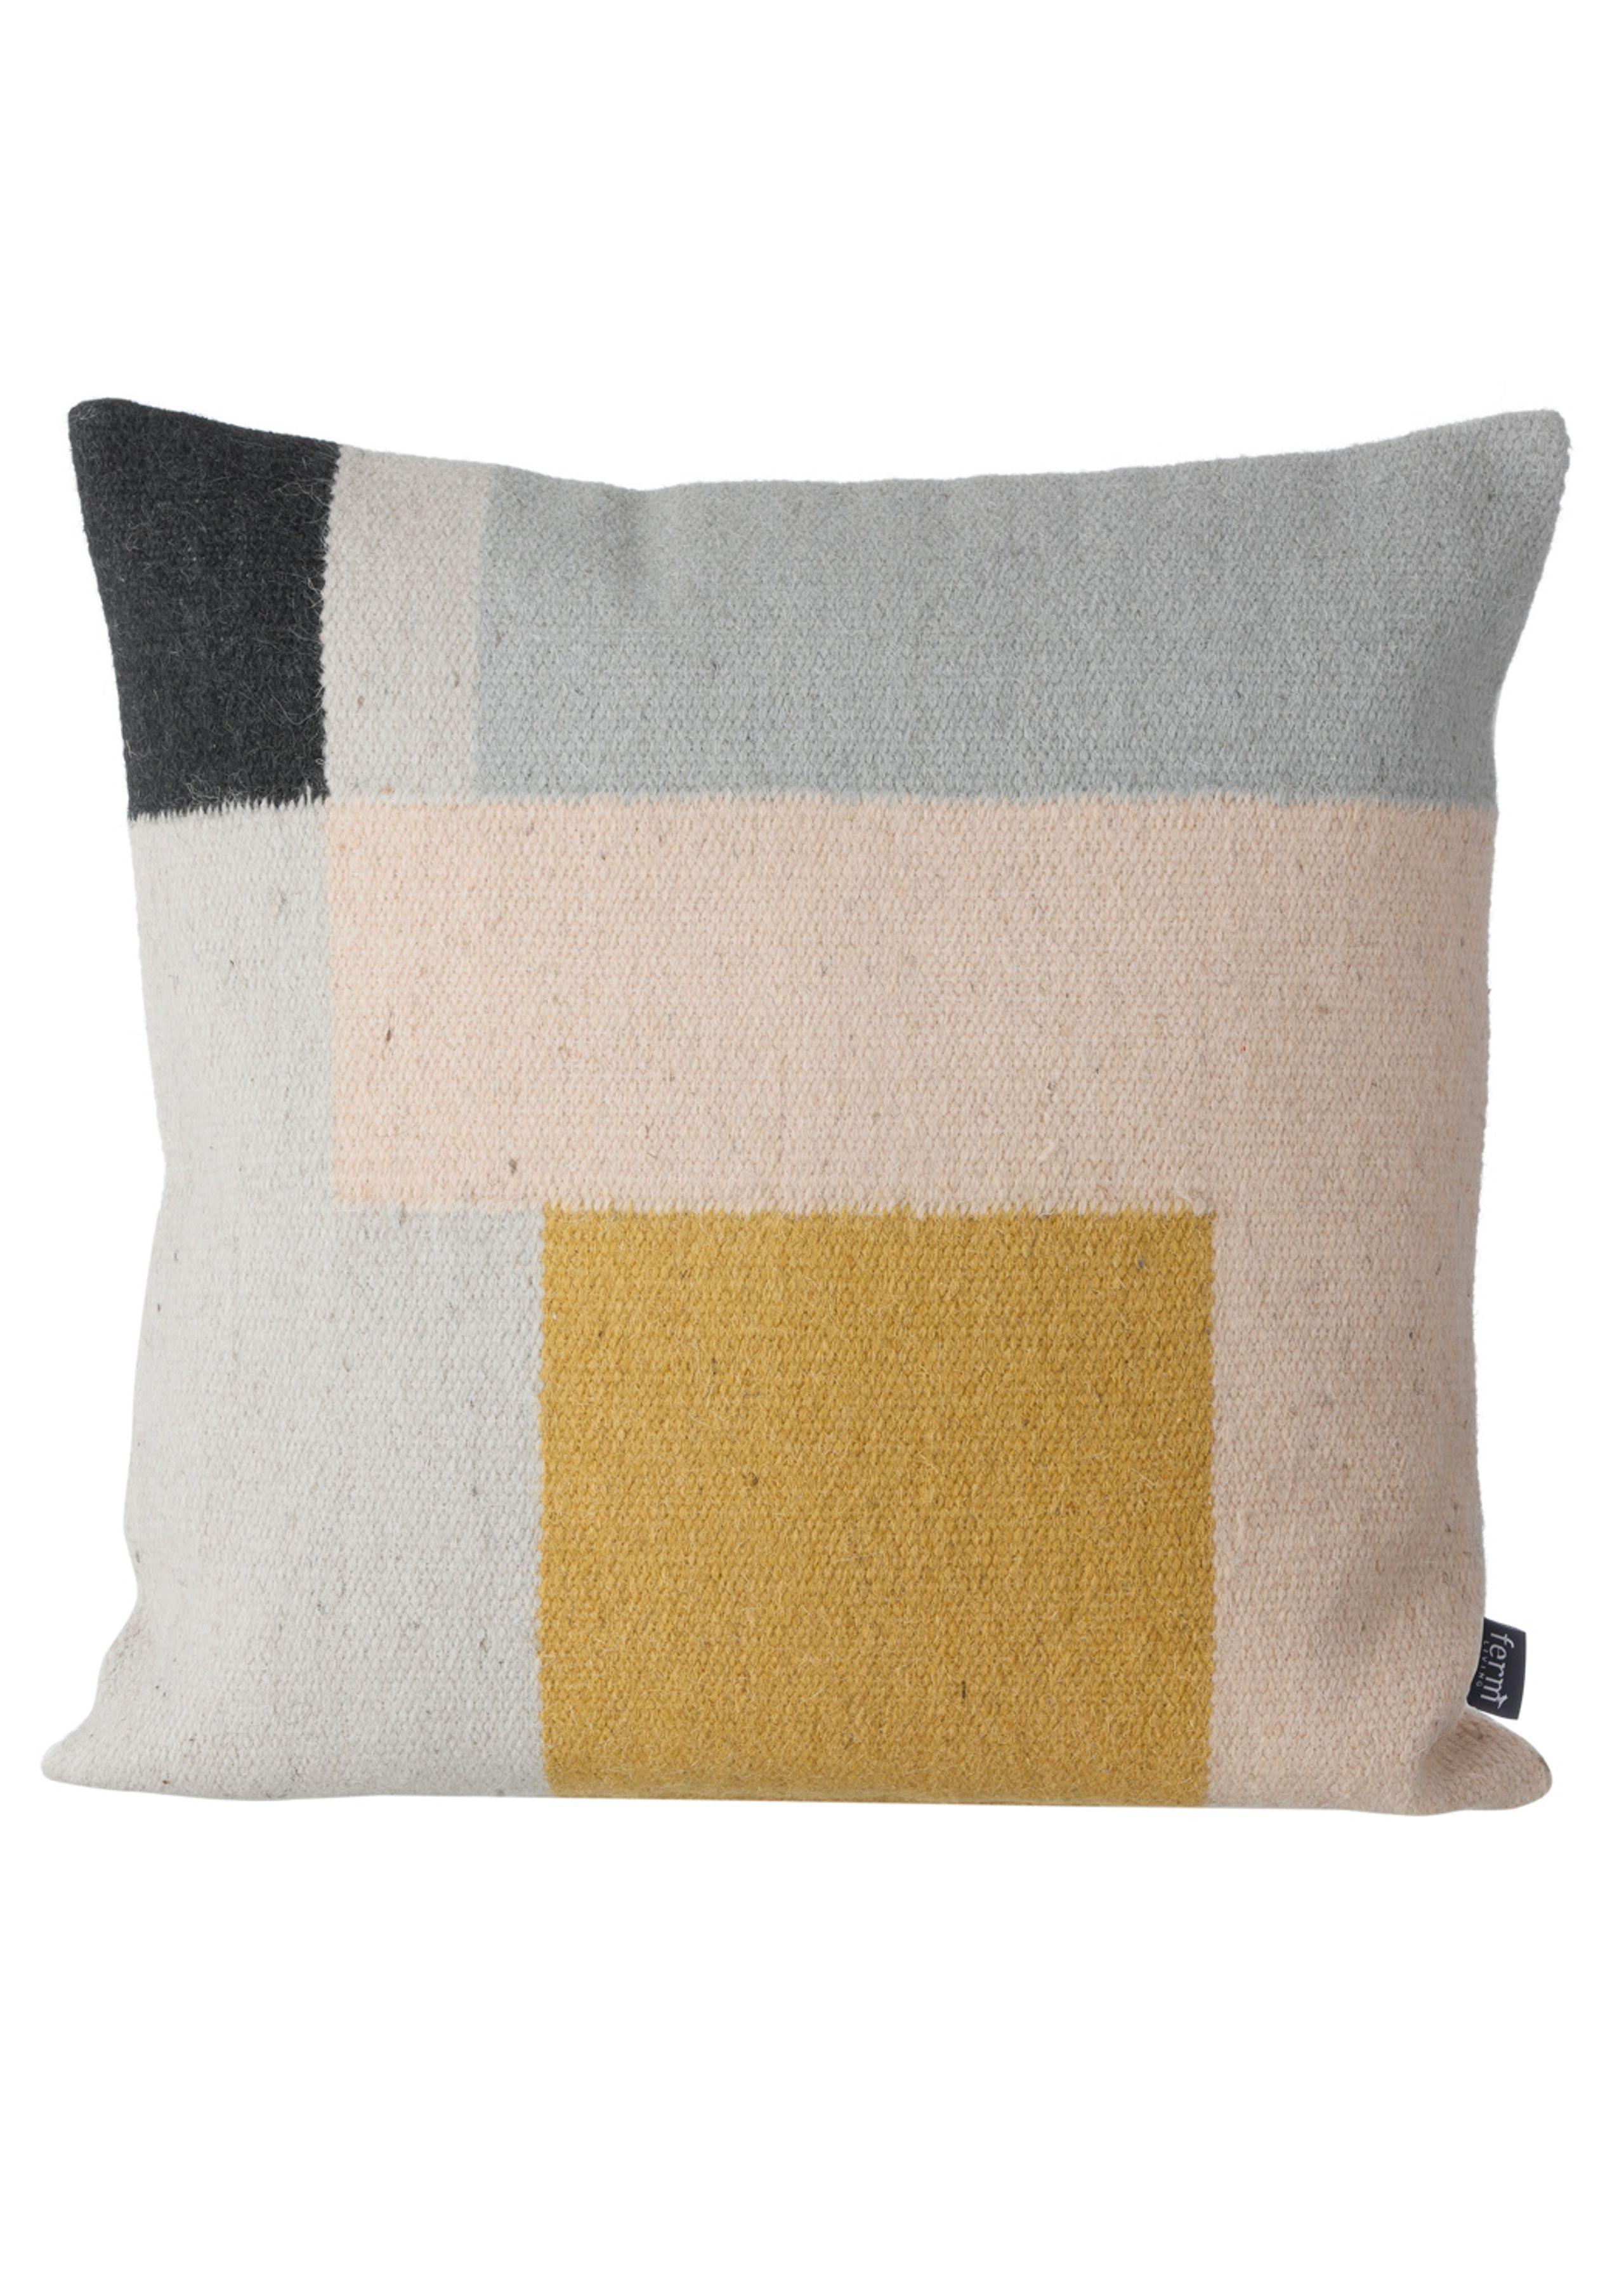 Kelim cushion squares